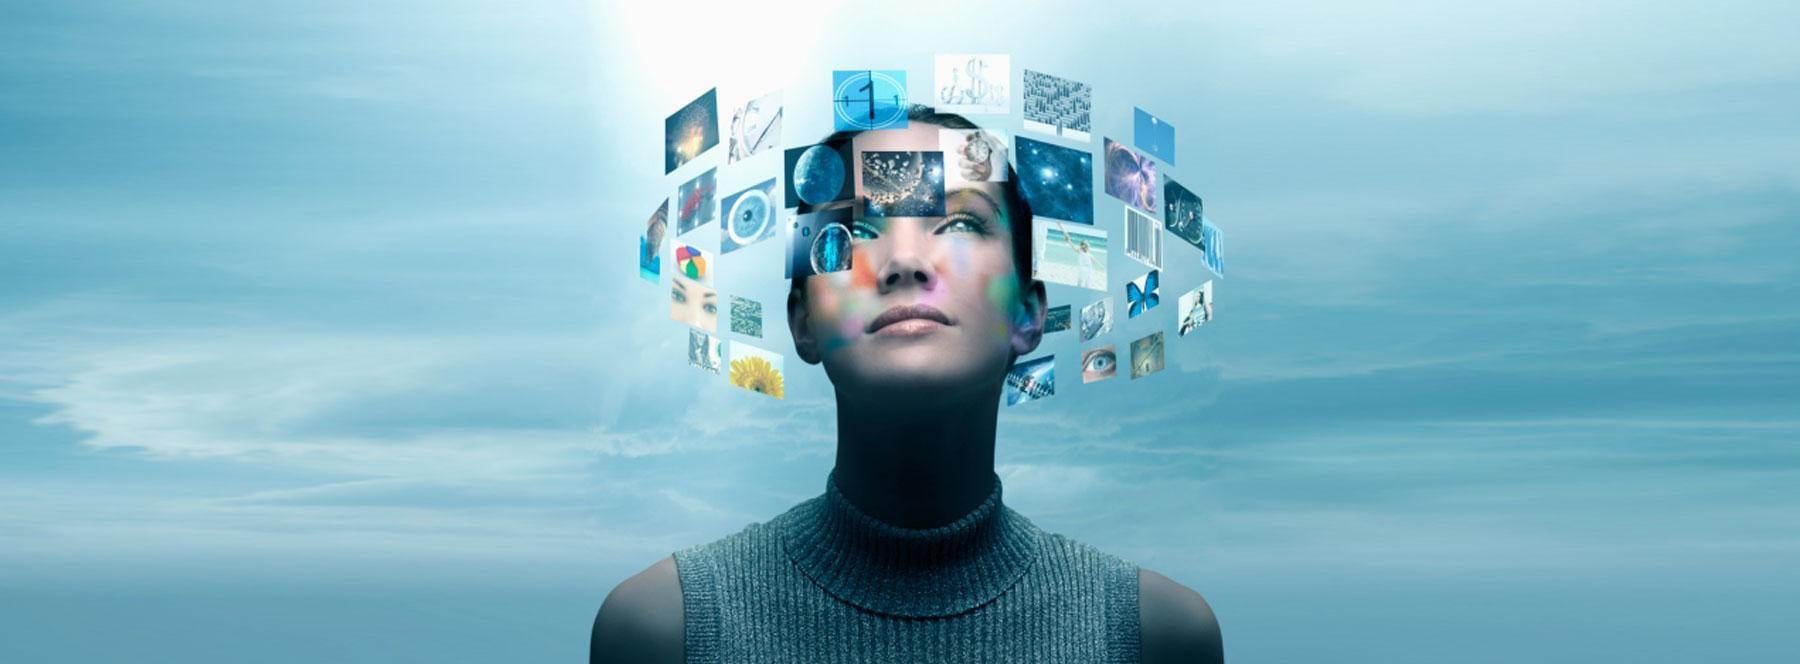 Ατομικό Σεμινάριο Social Media για επιχειρηματίες και στελέχη επιχειρήσεων με ανάλυση της επιχ/σης σας!